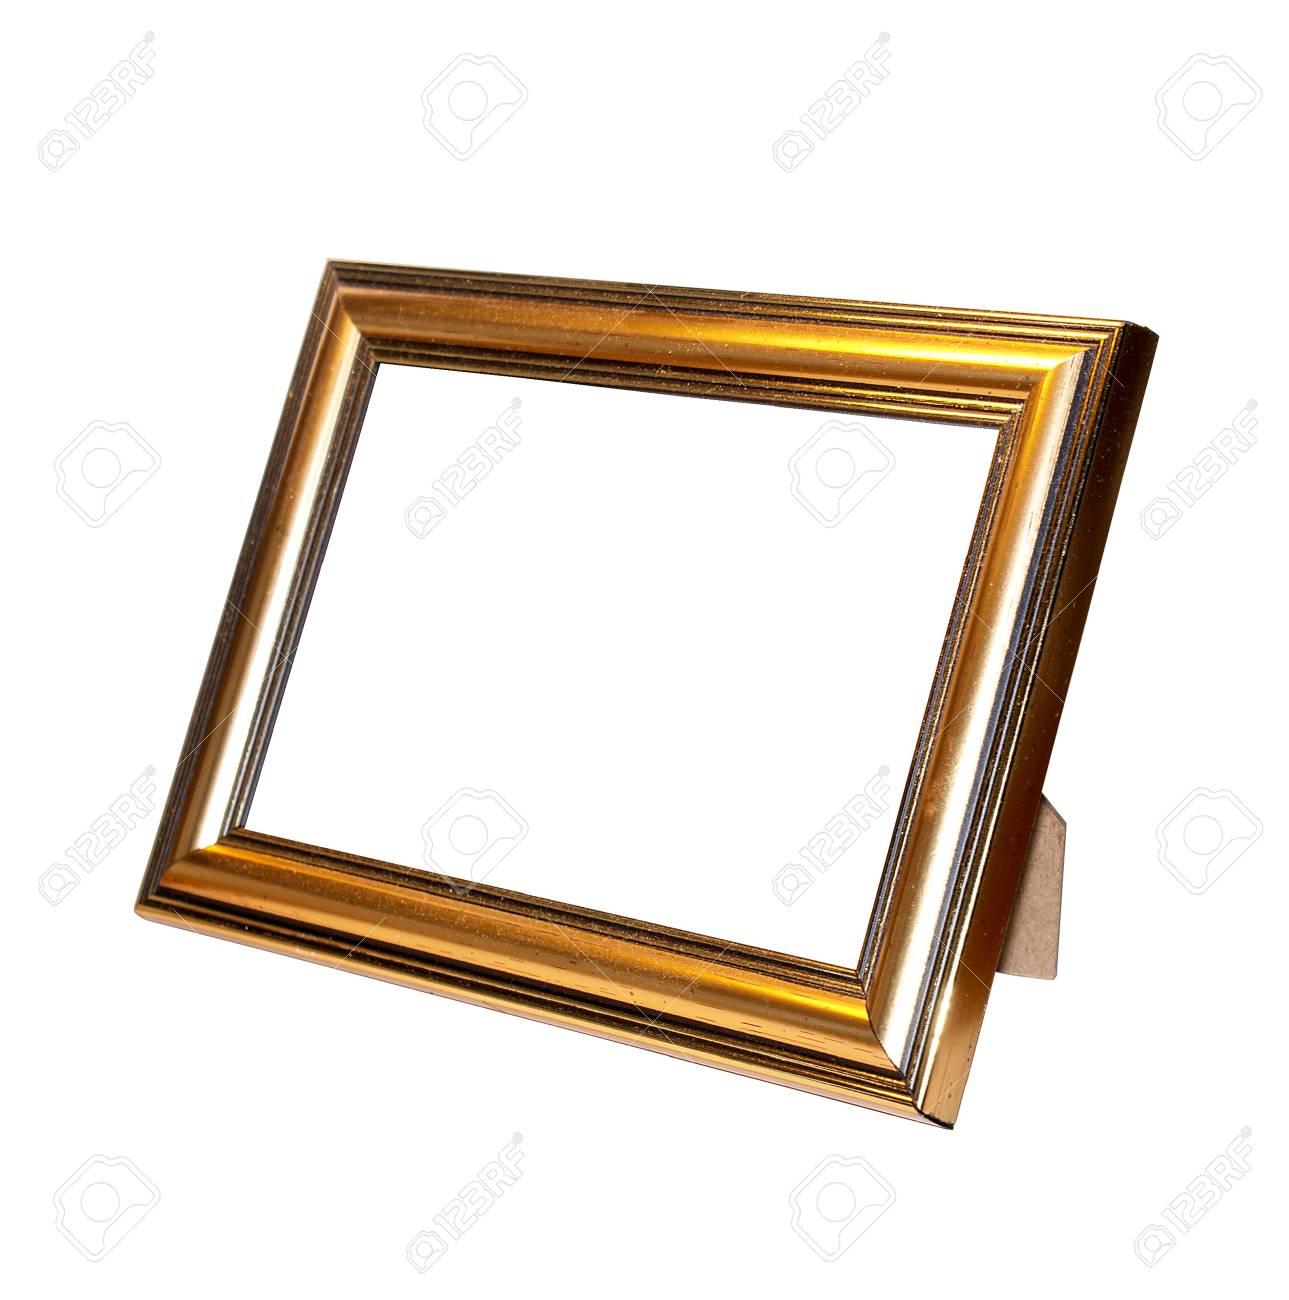 Dekorative Rahmen Für Ein Foto Auf Weißem Hintergrund Lizenzfreie ...